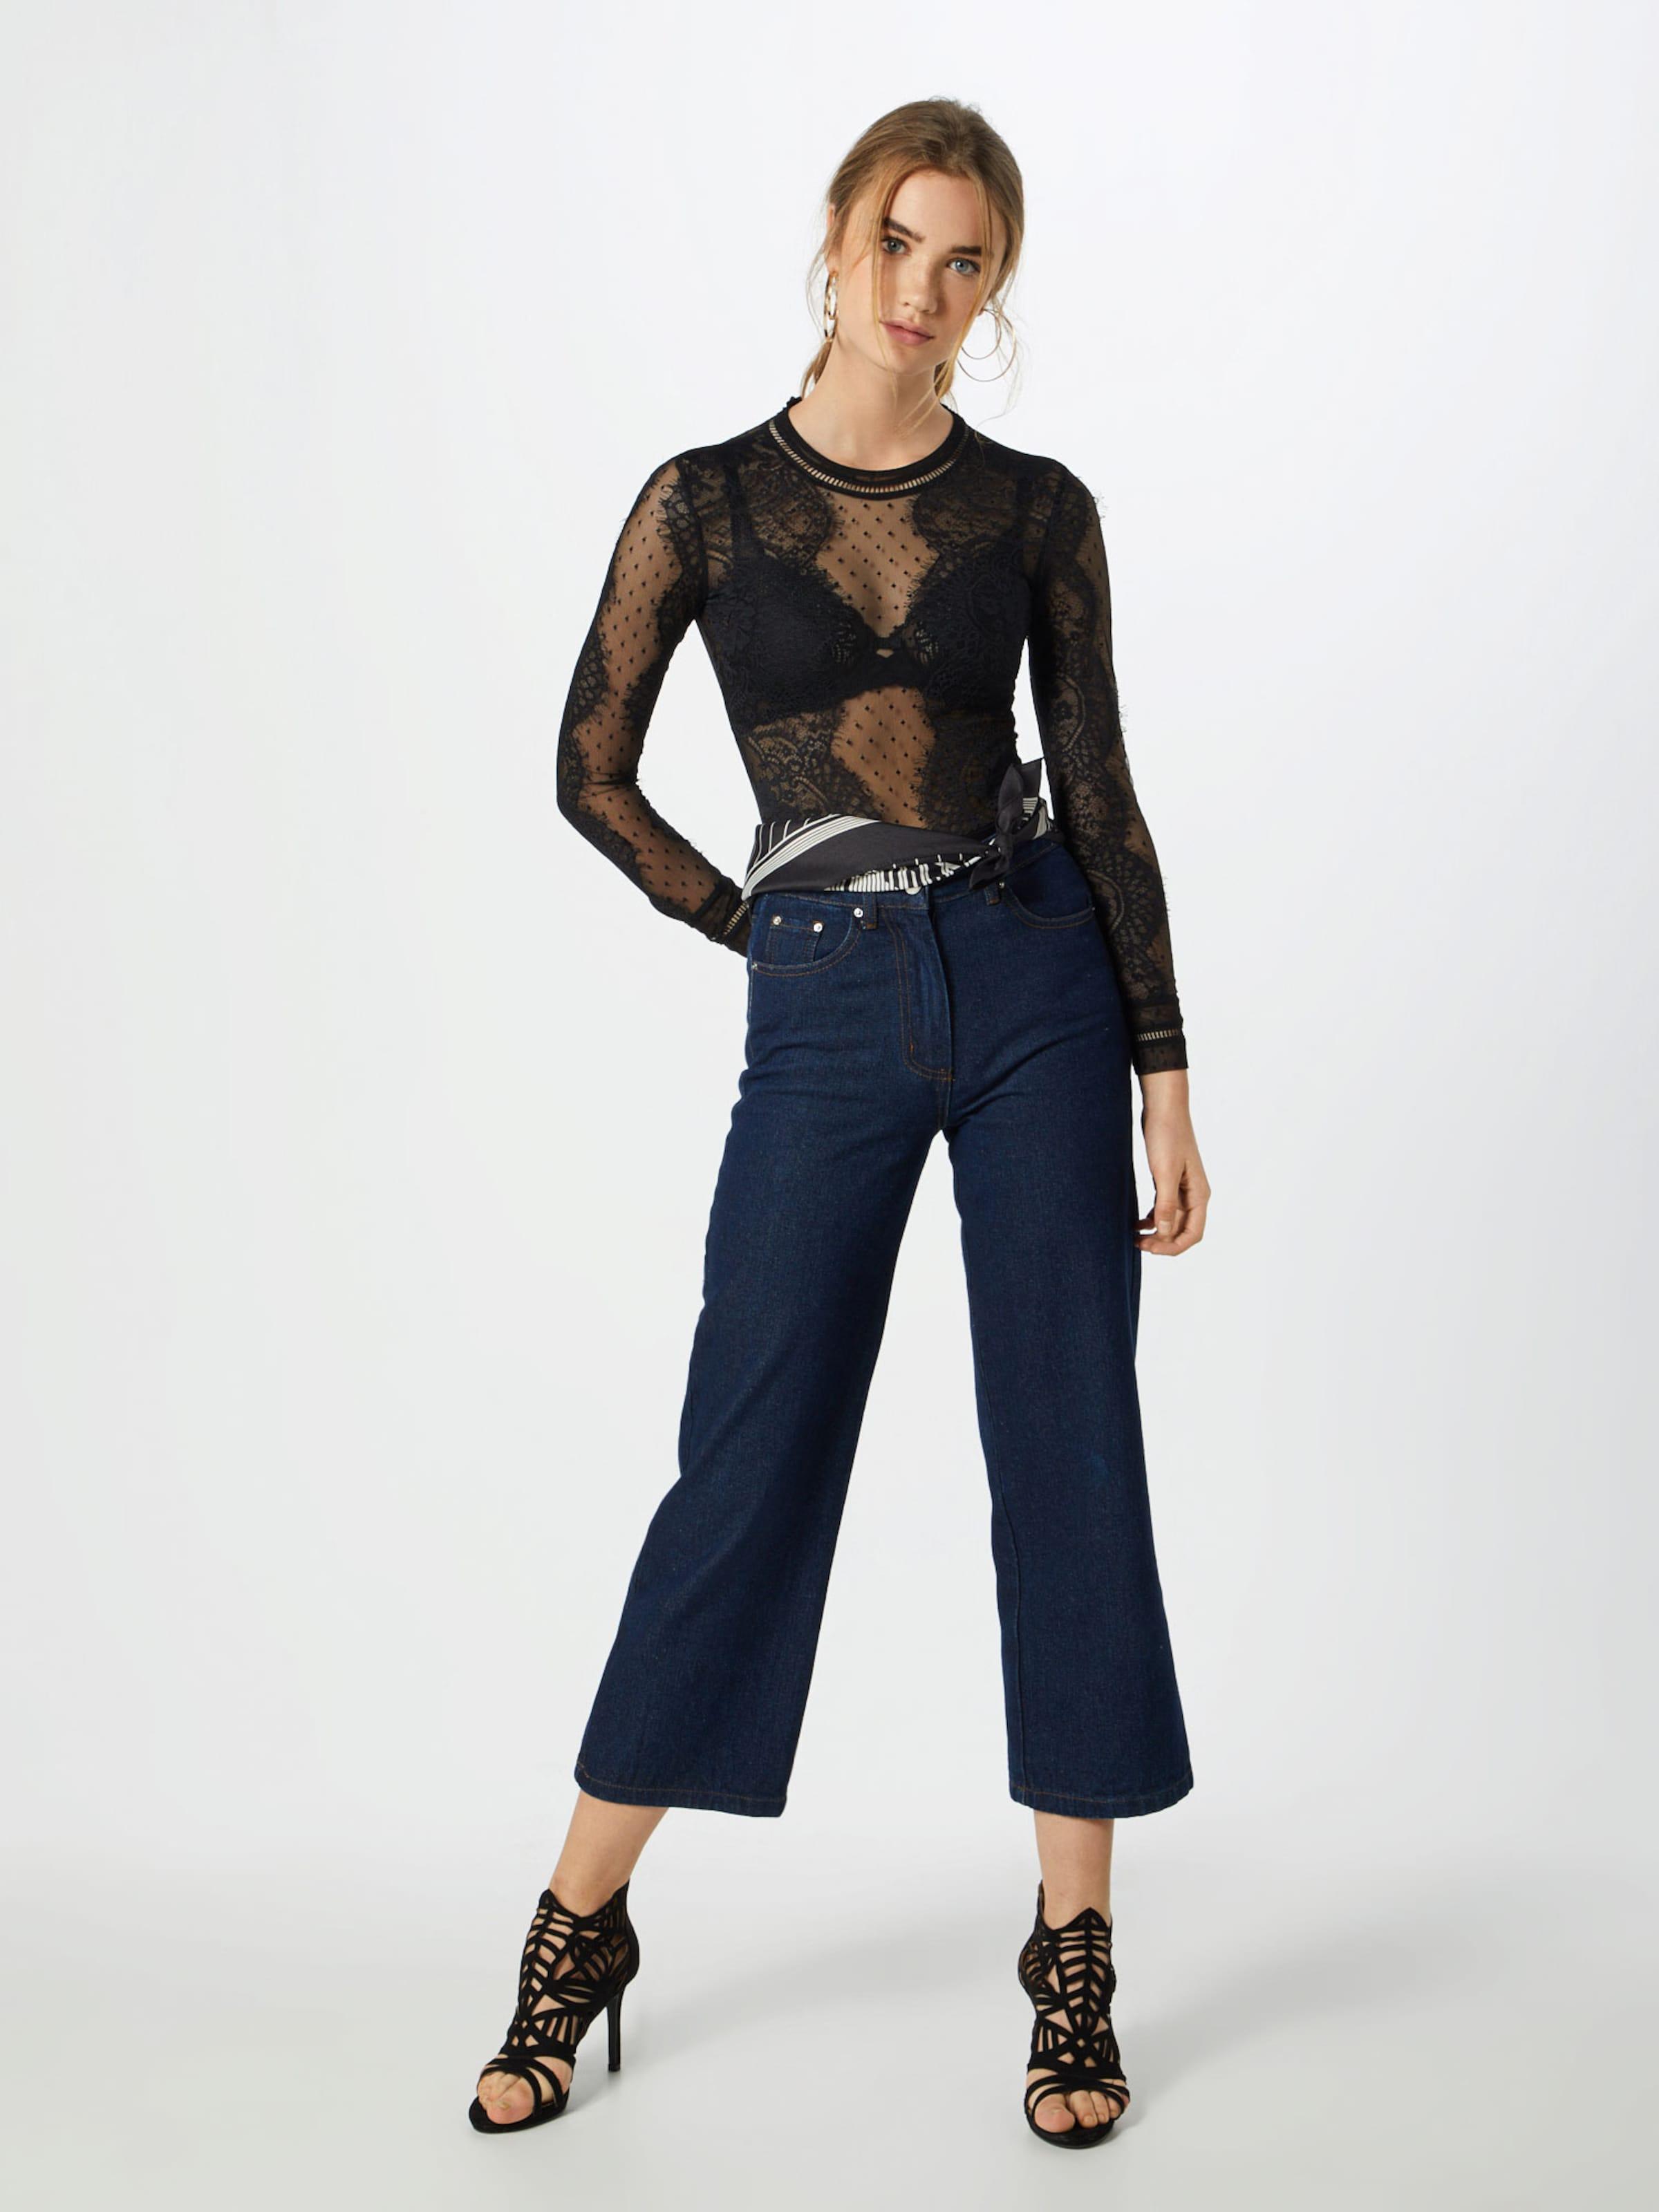 Body Bardot Schwarz In 'opia Bodysuit' Lace DYeWH9E2I